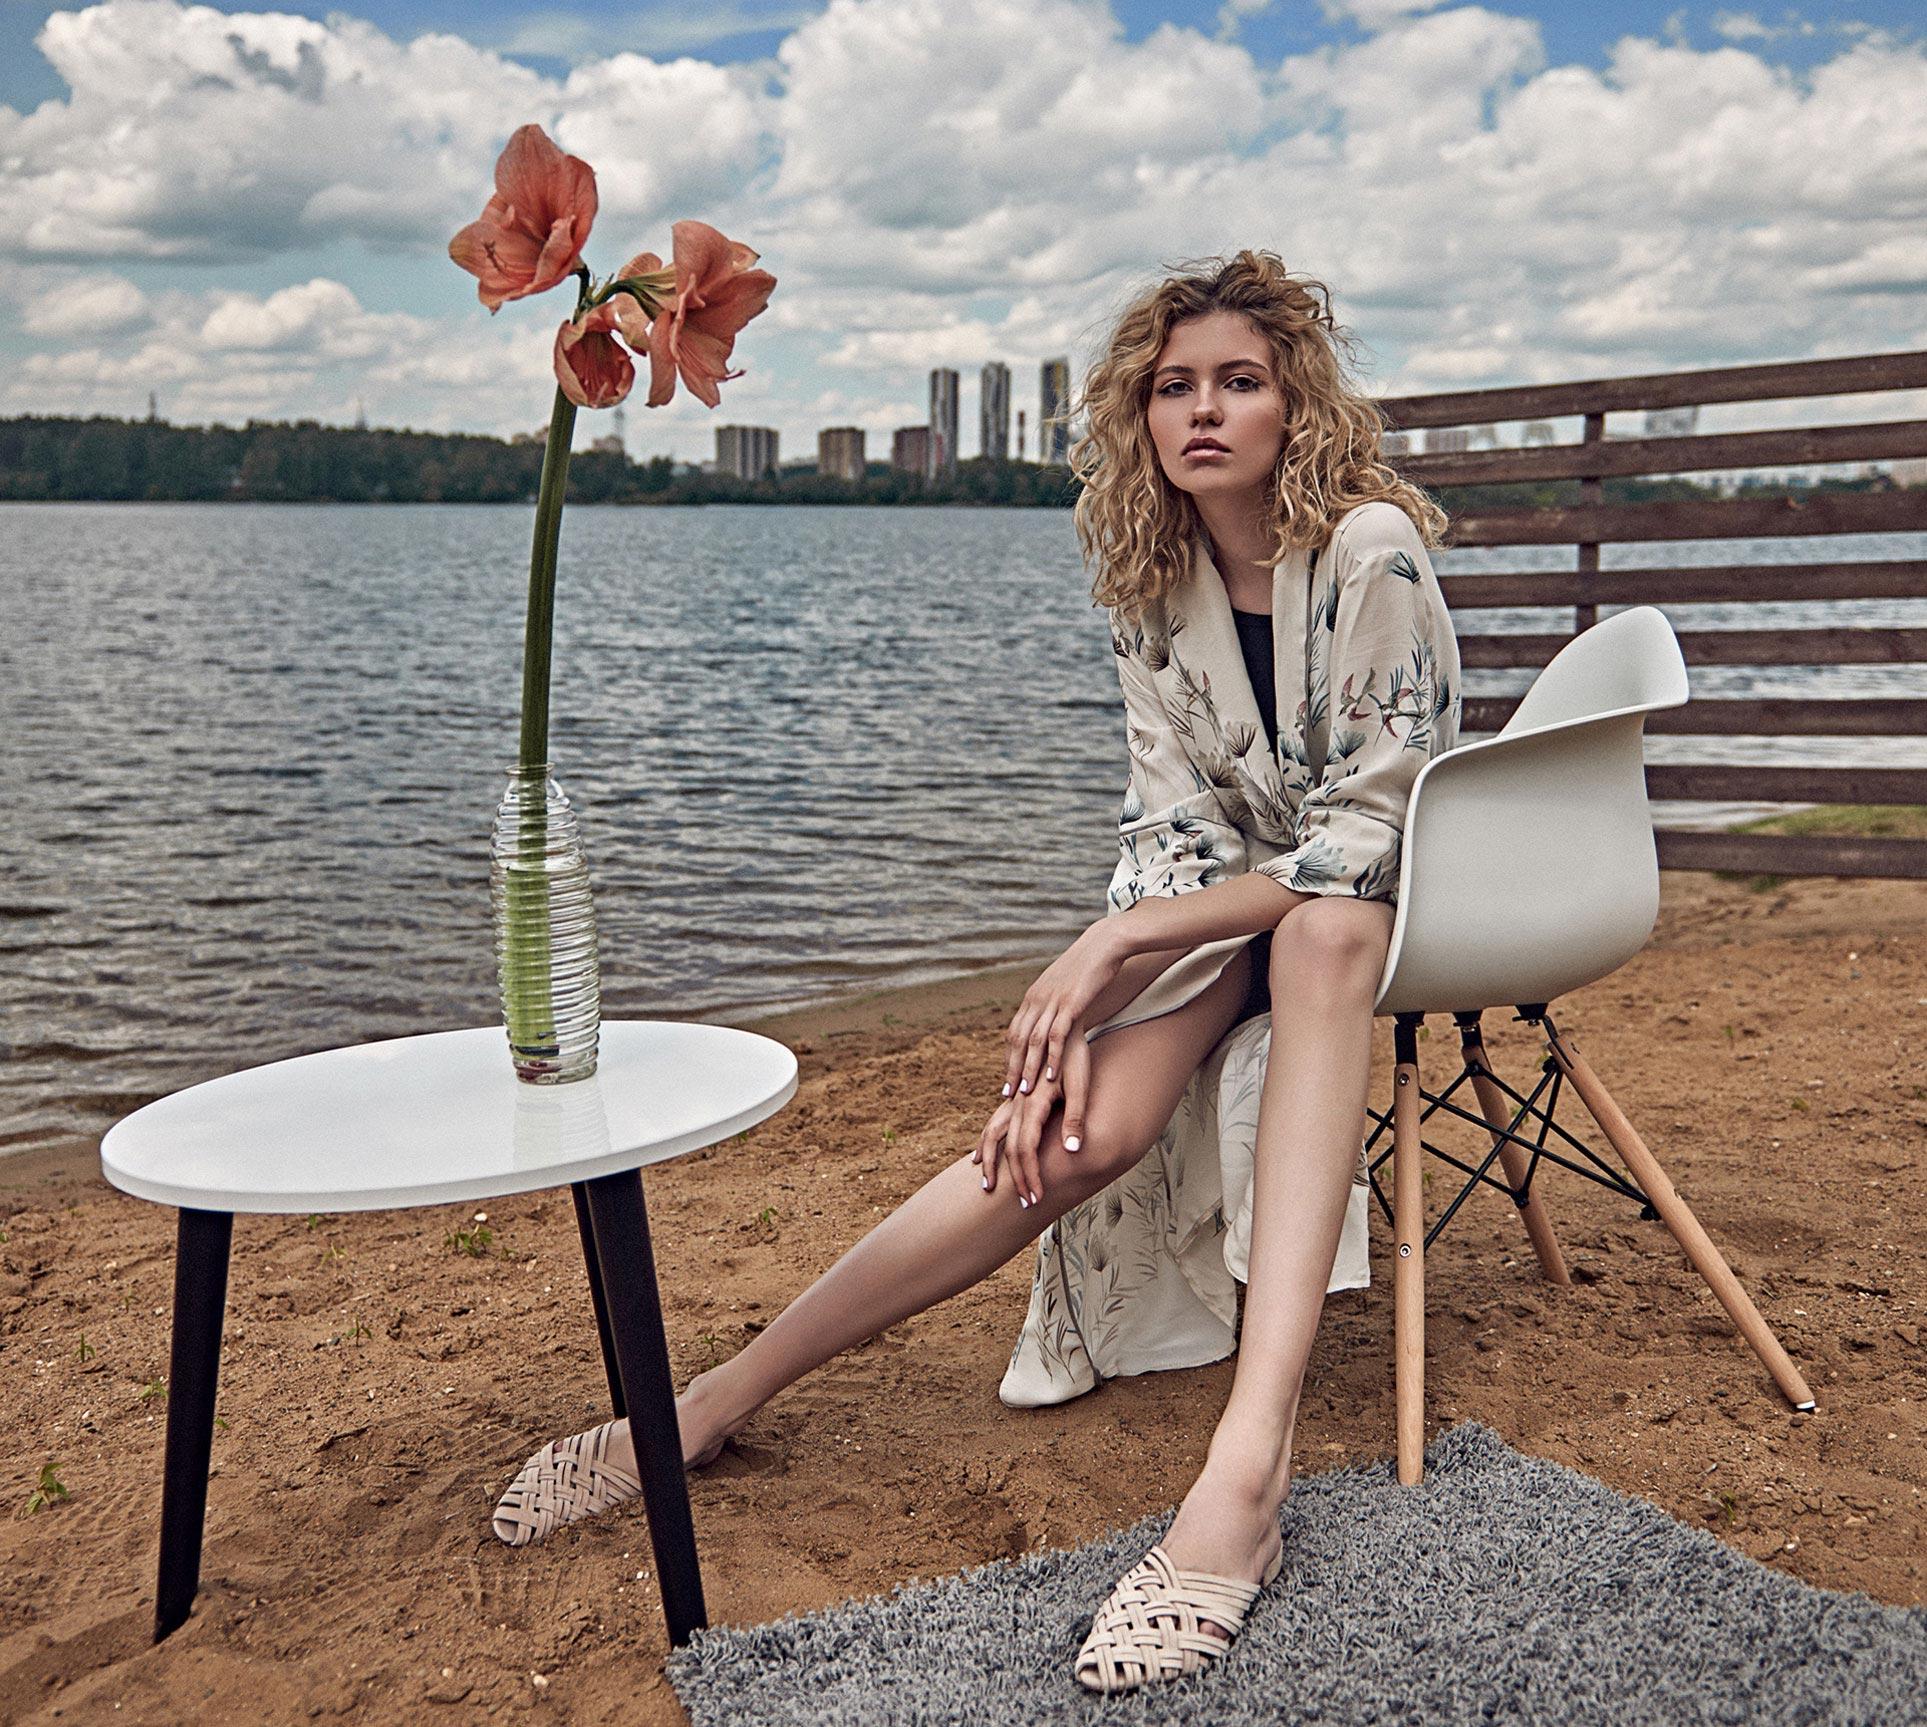 модель Алена Сальникова демонстрирует модную одежду / фото 01